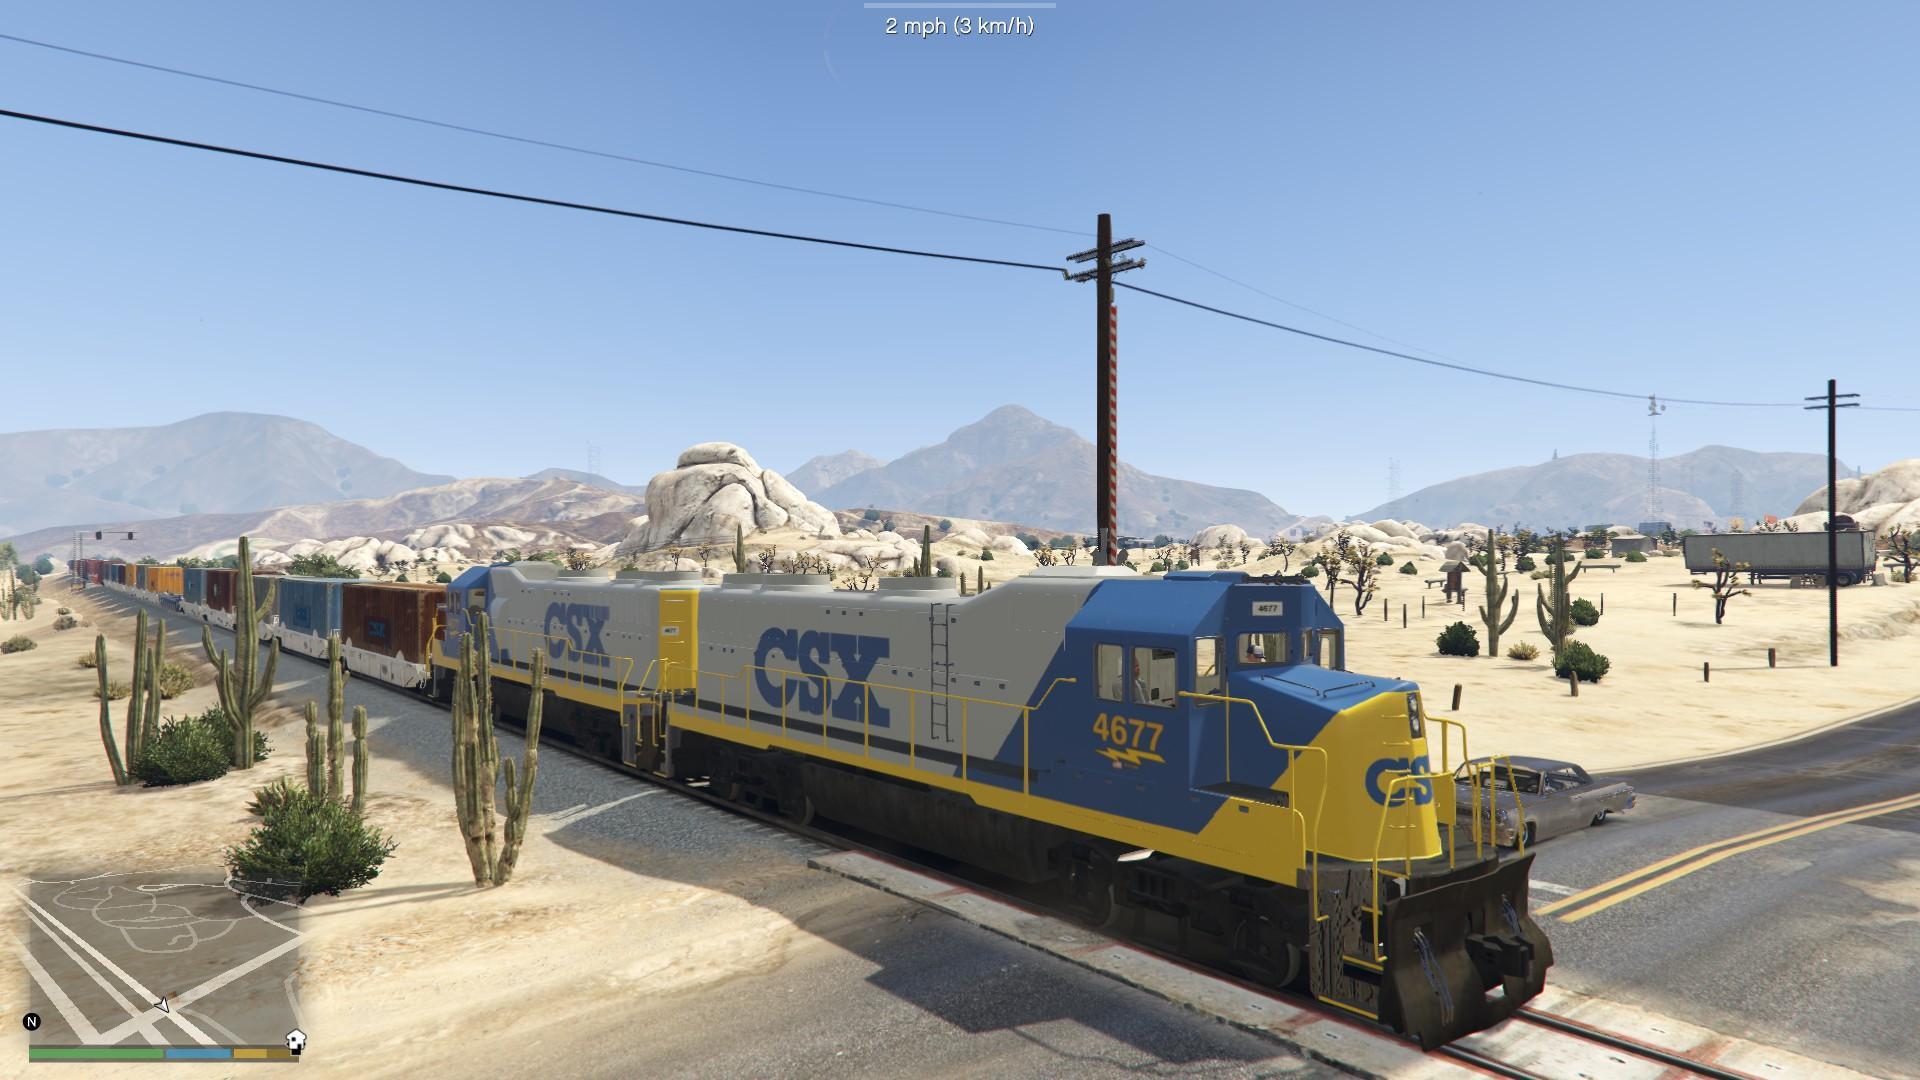 Csx Train Skin Gta5 Mods Com